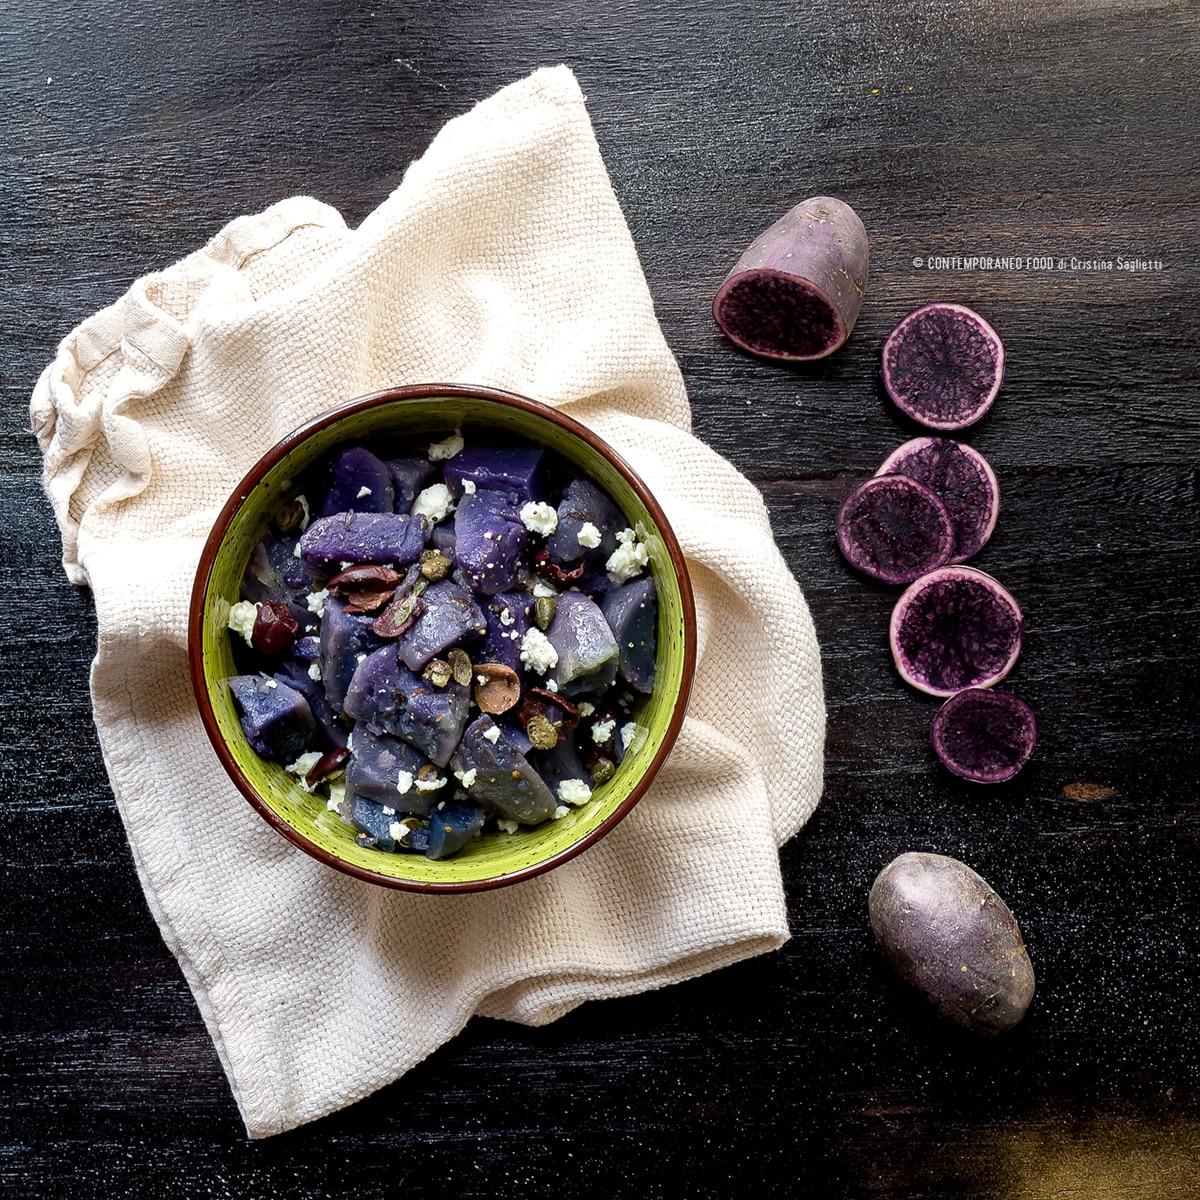 insalata-di-patate-viola-con-capperi-olive-taggiasche-feta-superfood-ricetta-veloce-facile-last-minute-contemporaneo-food